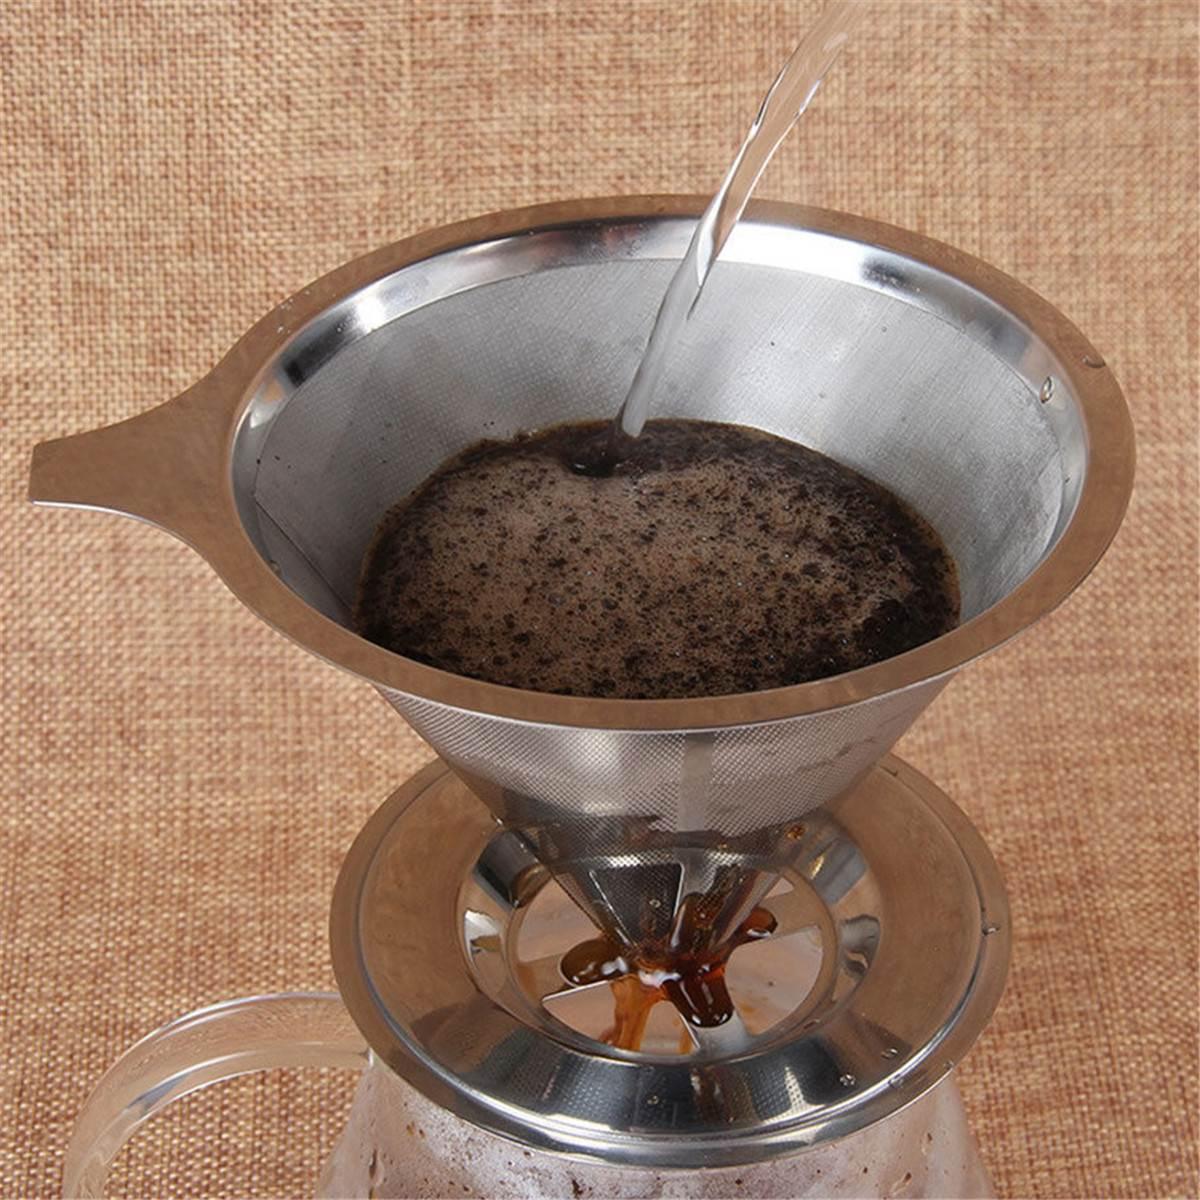 Resultado de imagem para Gotejador De Café Cone de Aço inoxidável Filtro de Malha